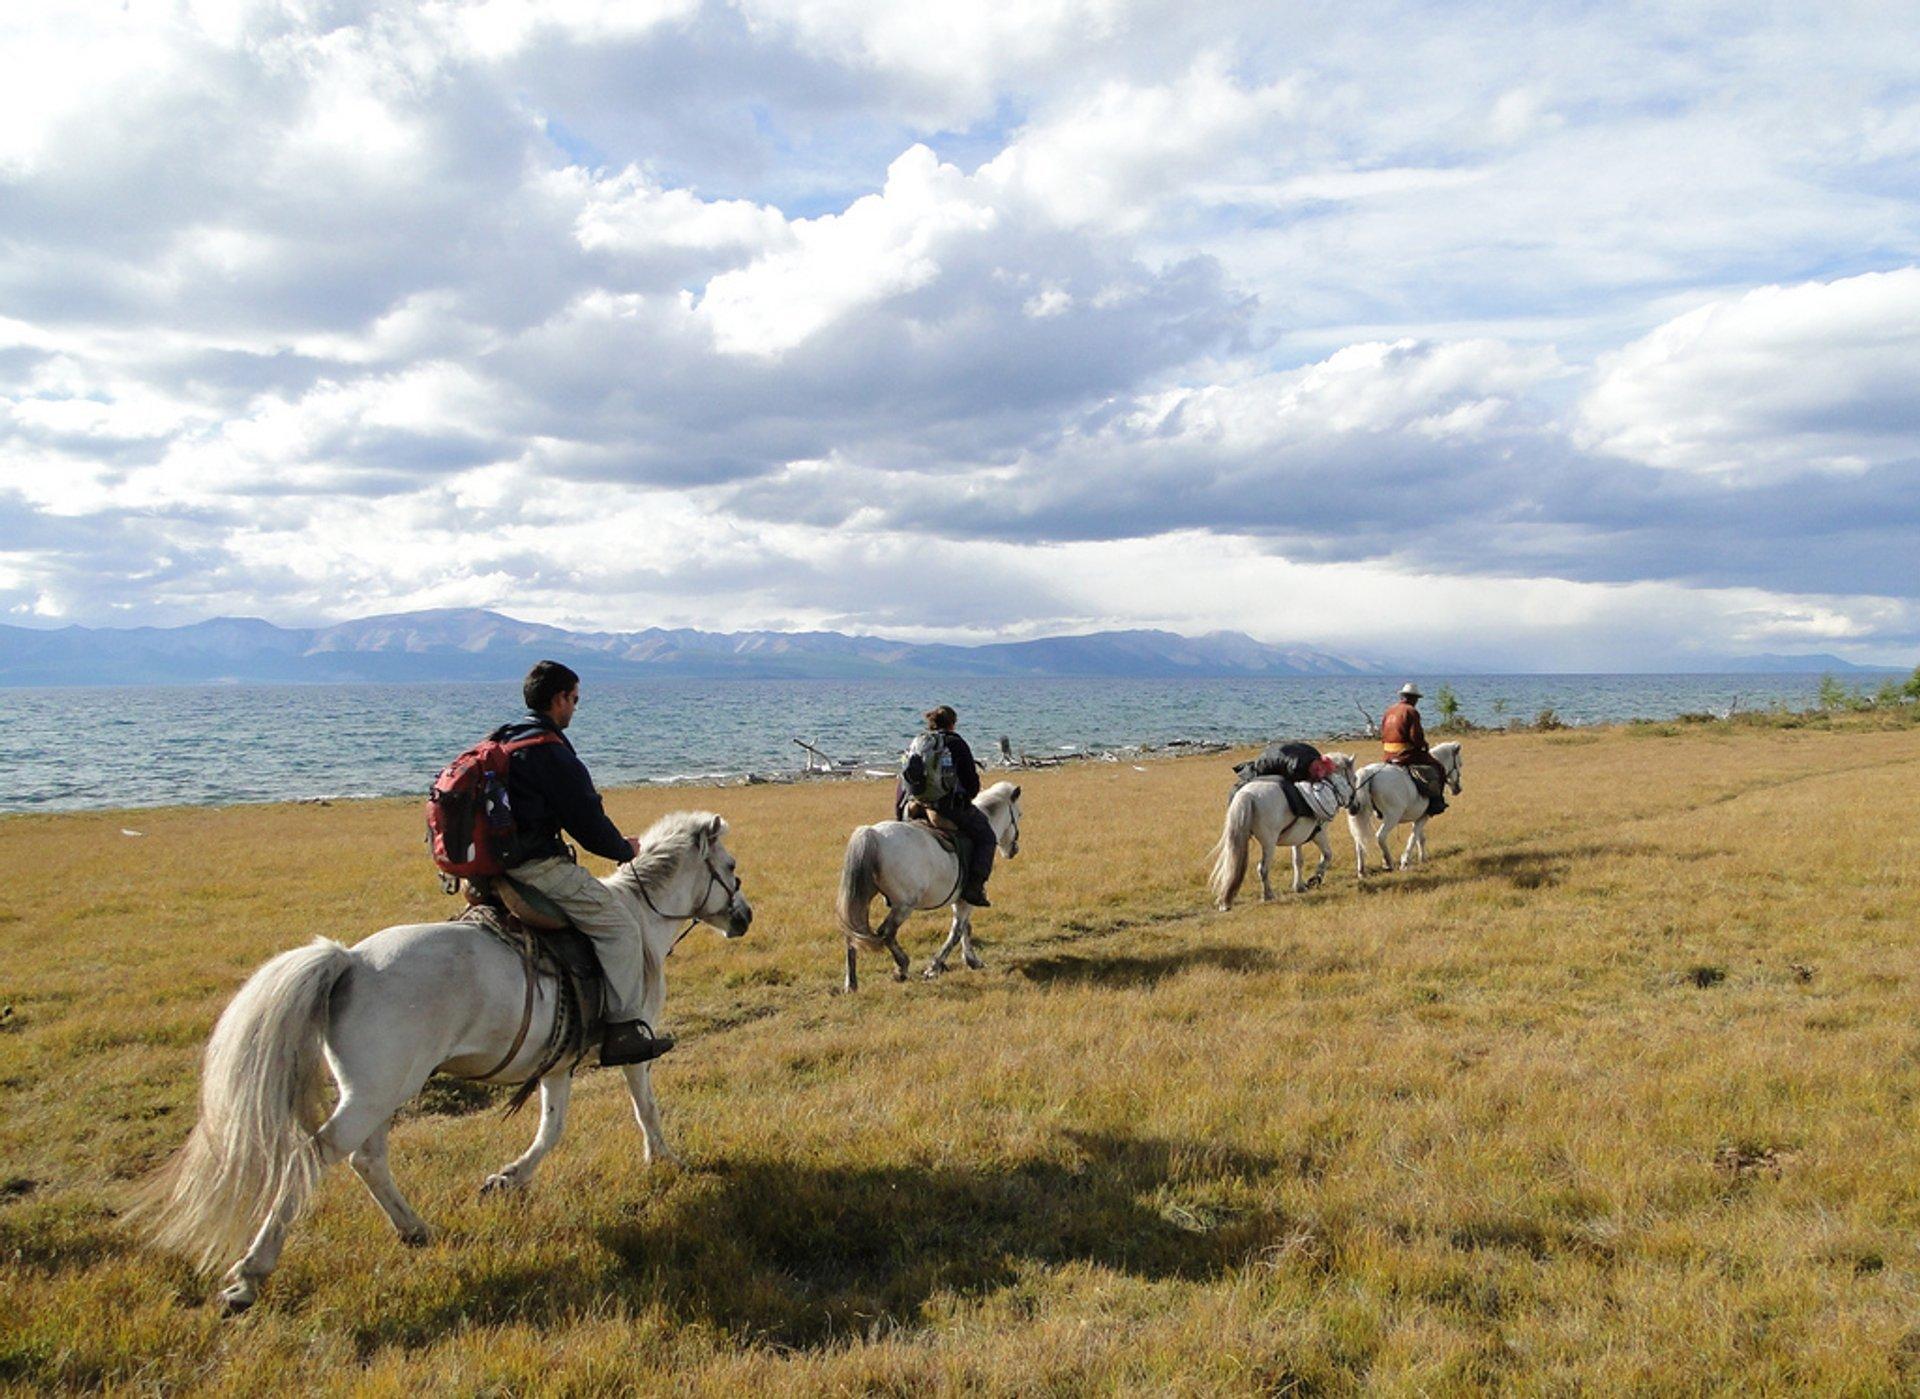 Horseback Riding in Mongolia 2020 - Best Time